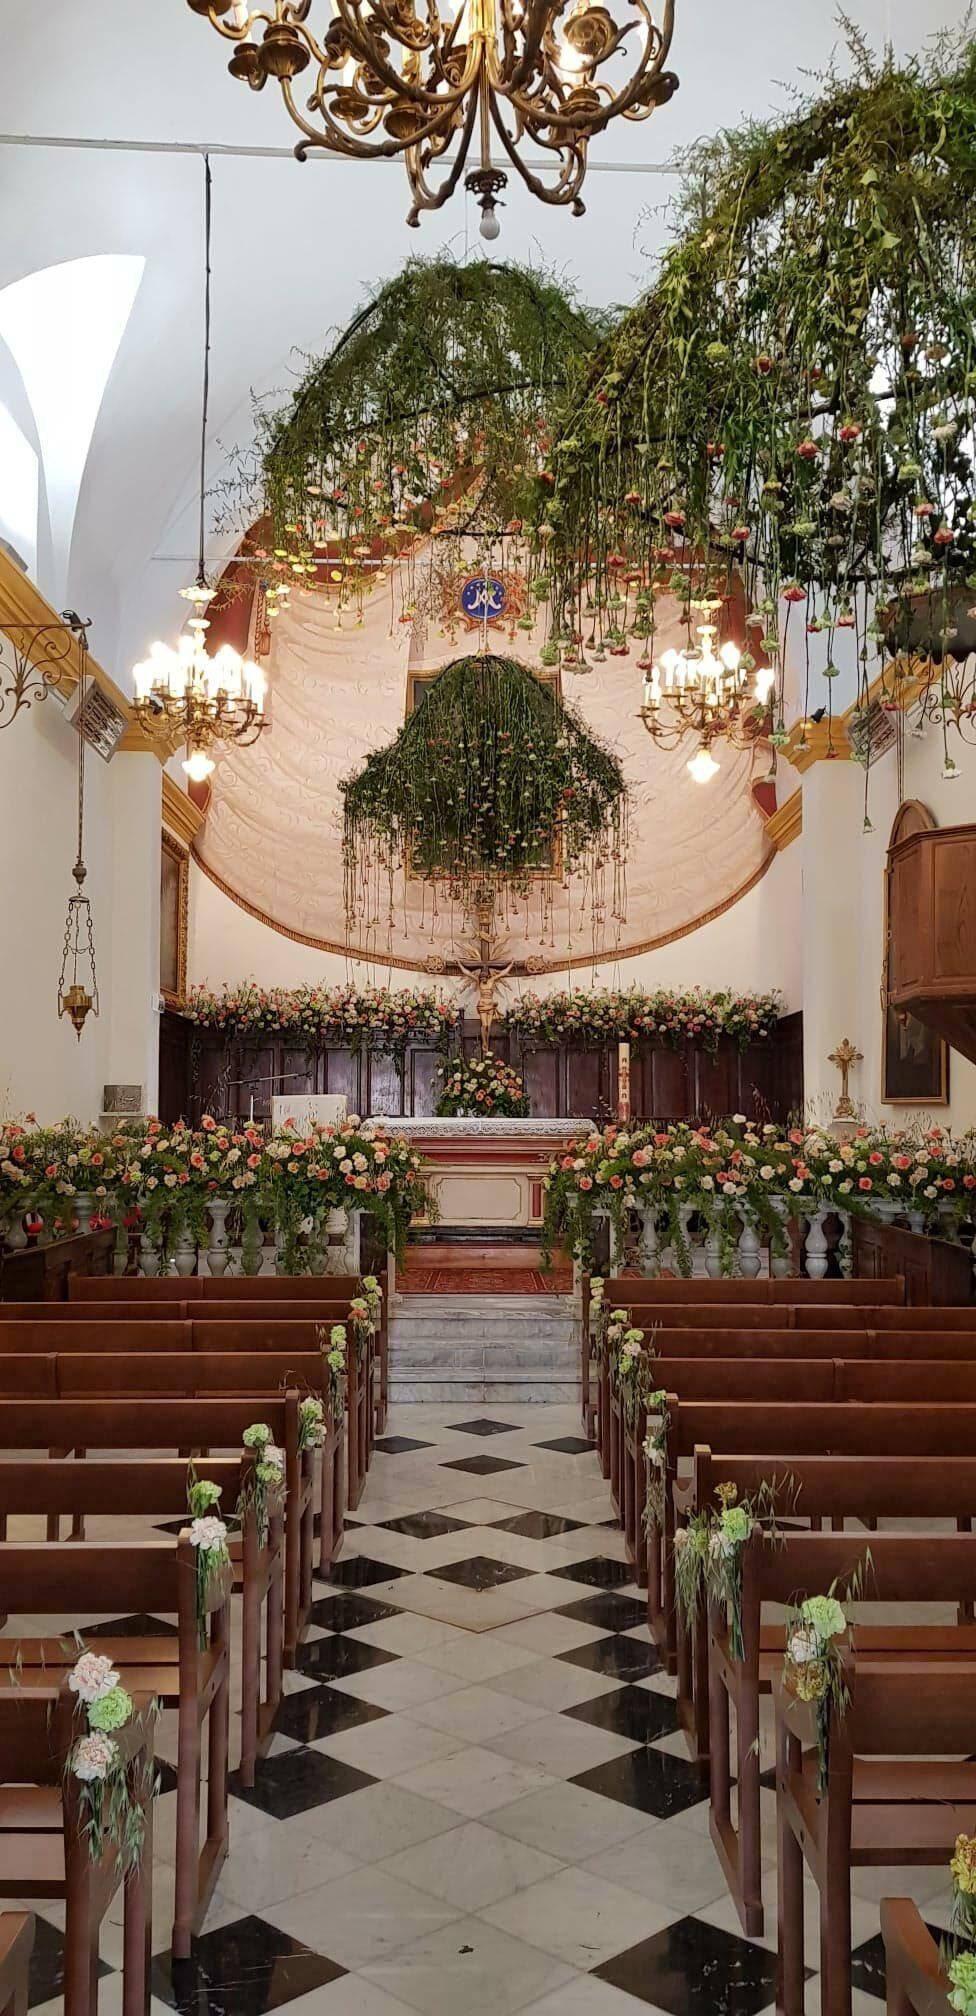 L'église du village transformée le temps d'un week-end.